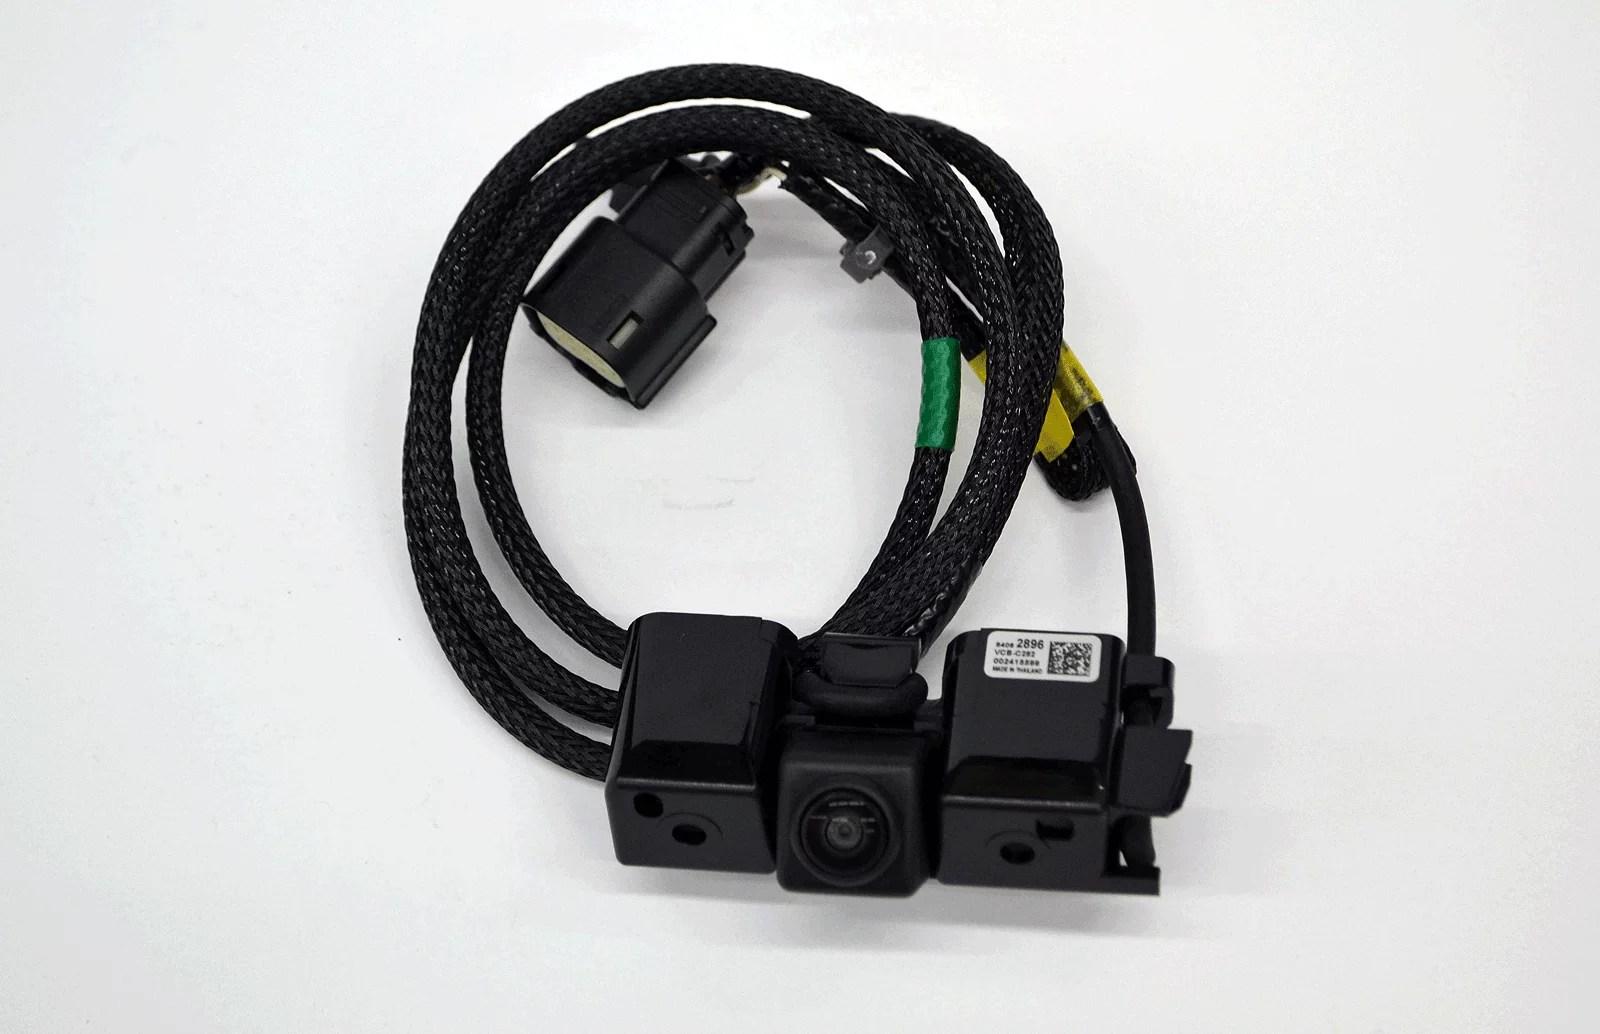 medium resolution of new gm oem rear view backup camera 2016 2017 silverado sierra ram backup camera wiring diagram wiring adapter backup camera 2017 sierra